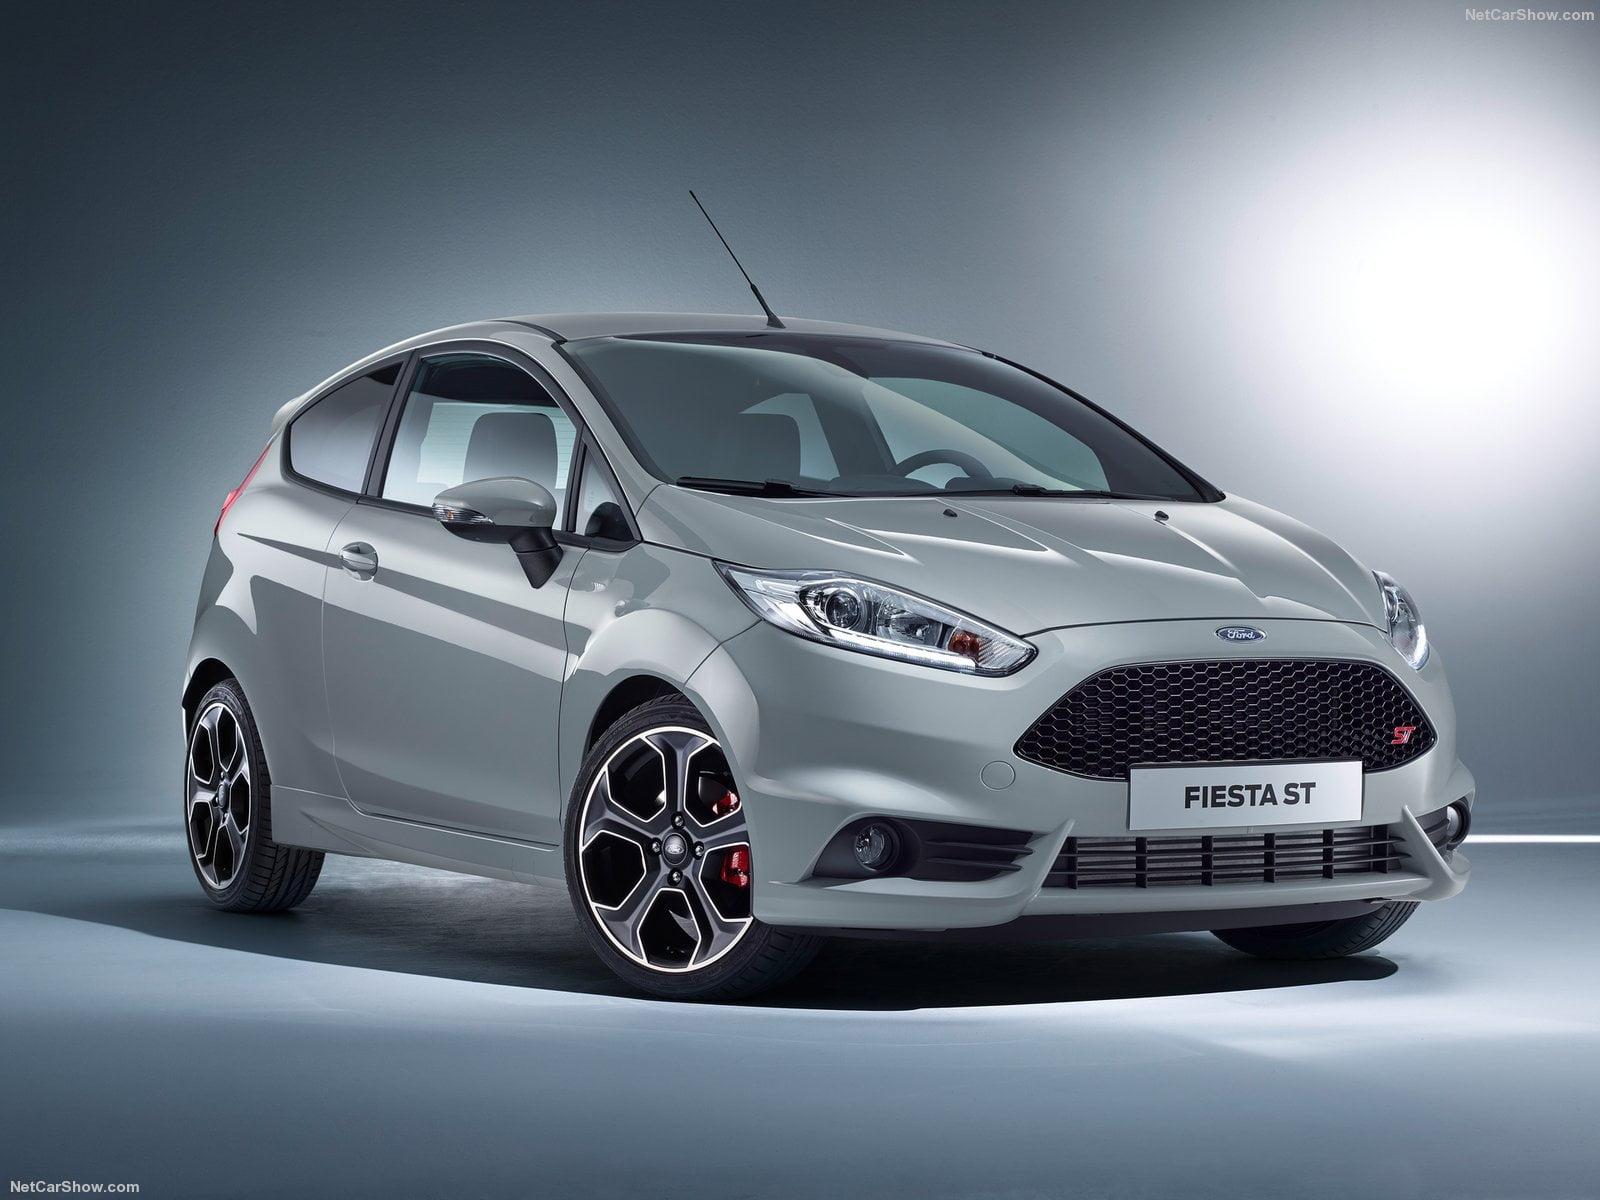 UK Auto Sales